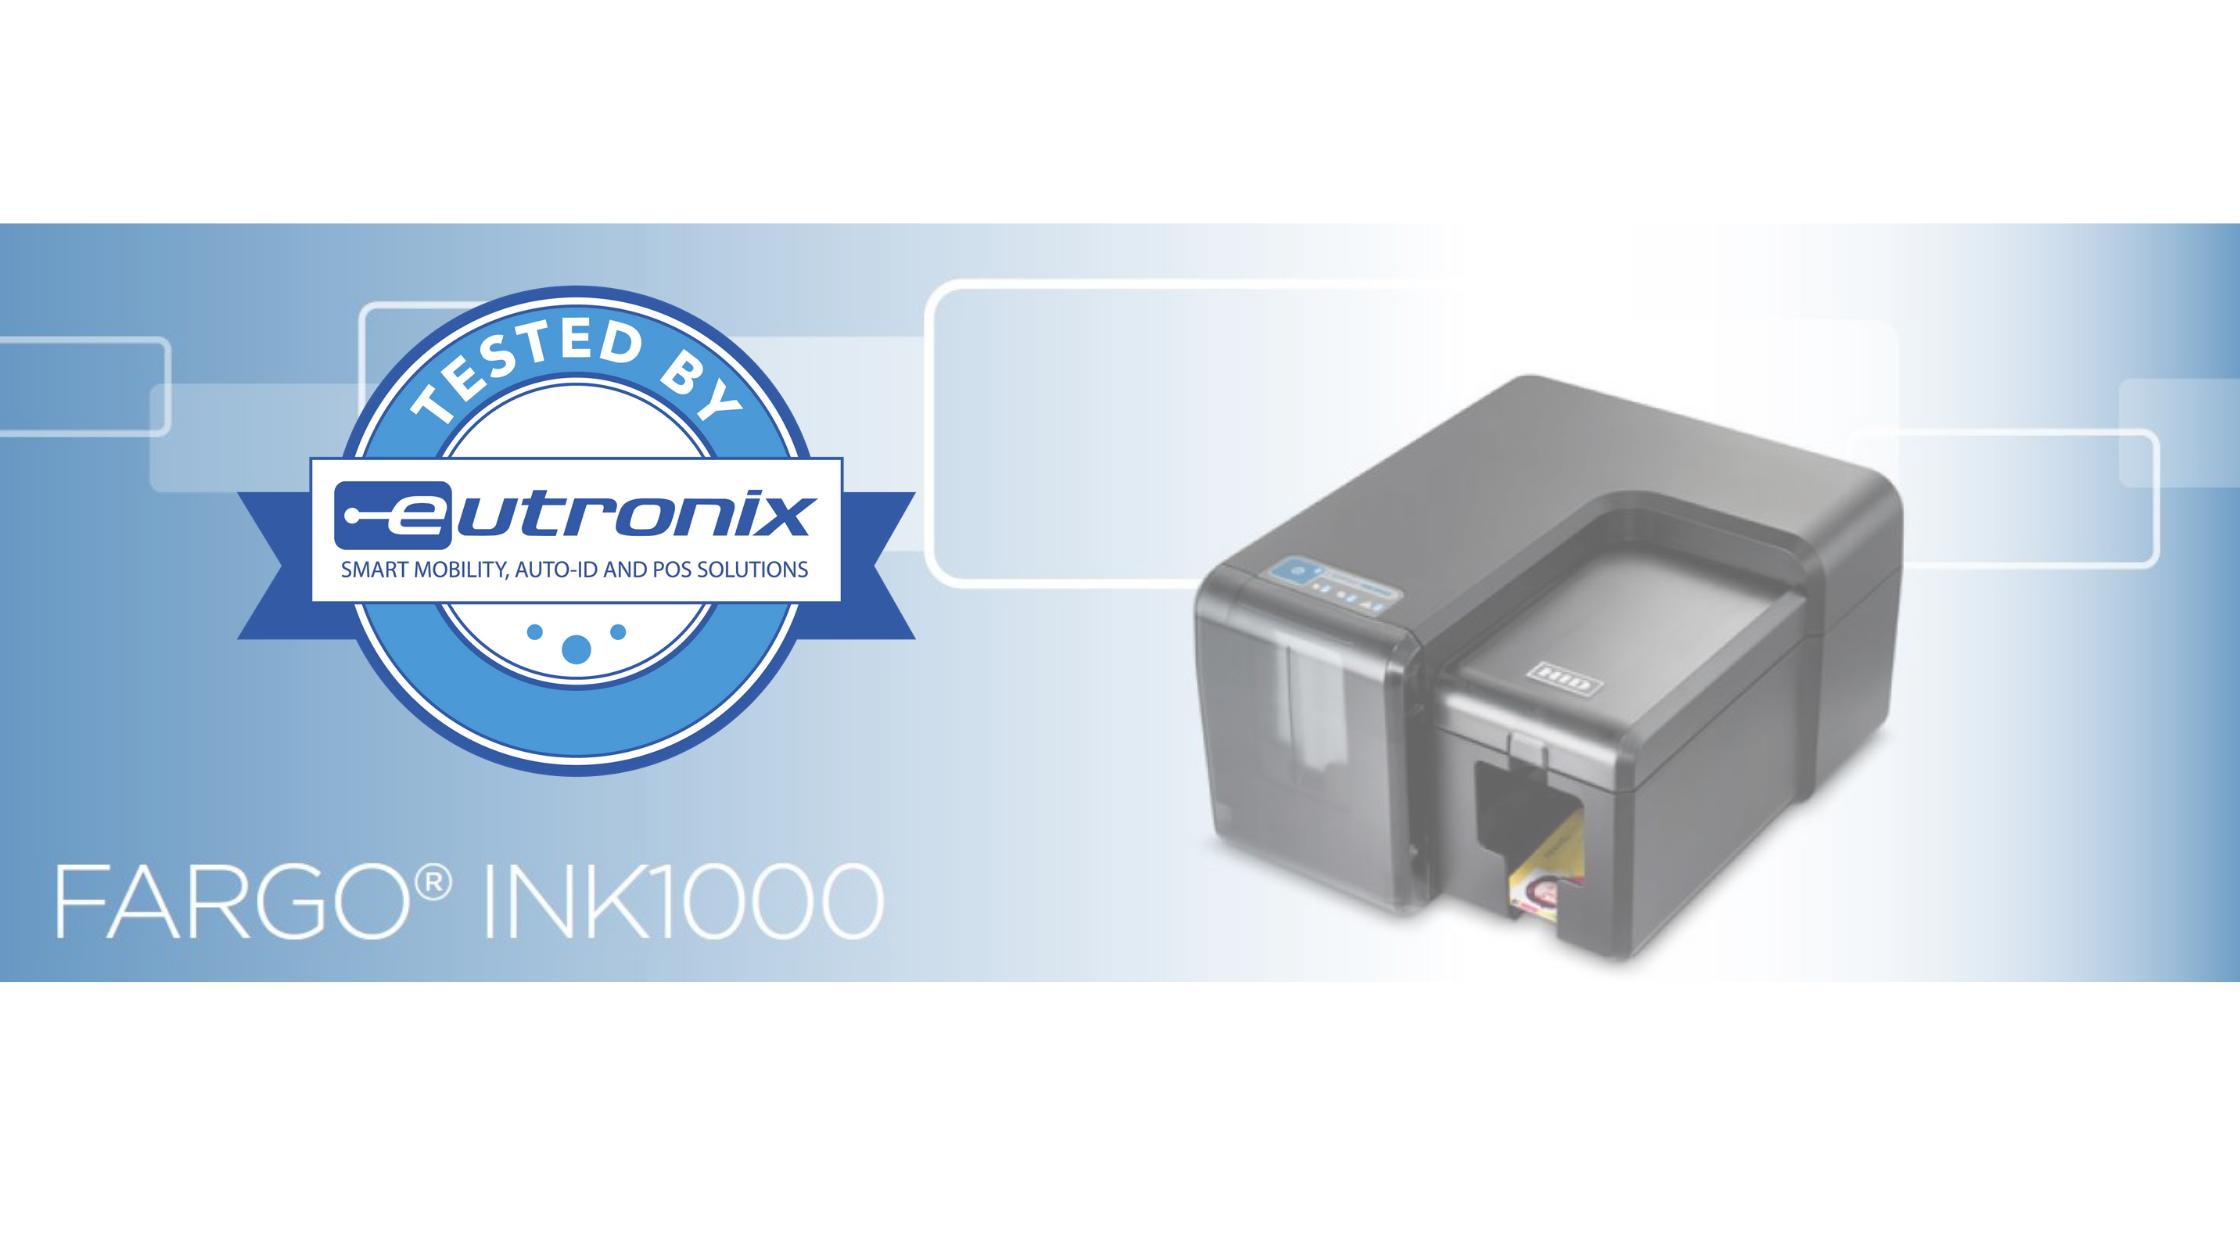 Imprimante INK1000 : nous l'avons testée pour vous !